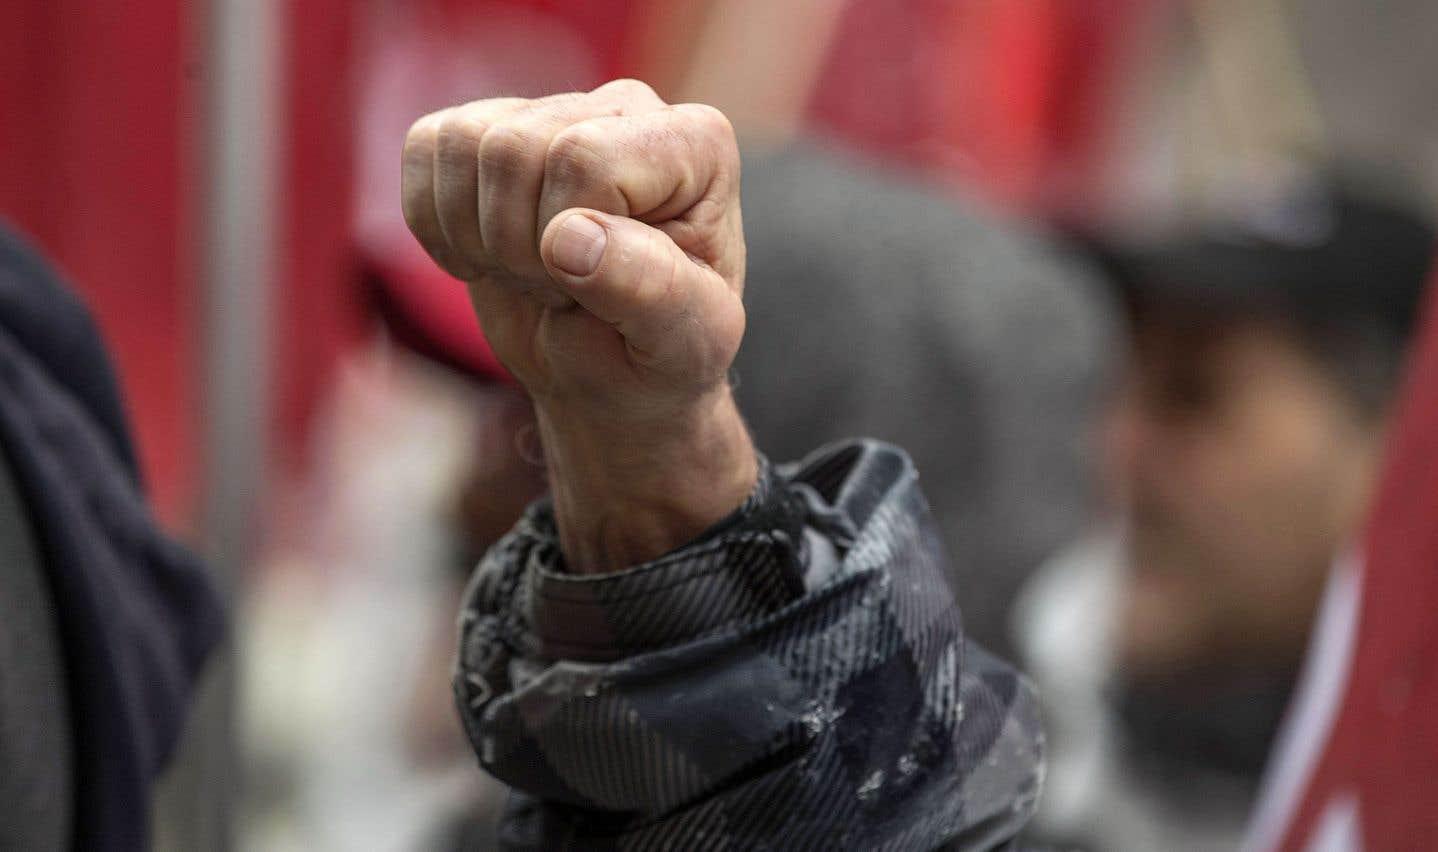 Des travailleurs brandissaient le poing cette semaine à Montréal lors d'une manifestation anti-Trump entourant l'ALENA. Le geste fort du «Nous vaincrons».